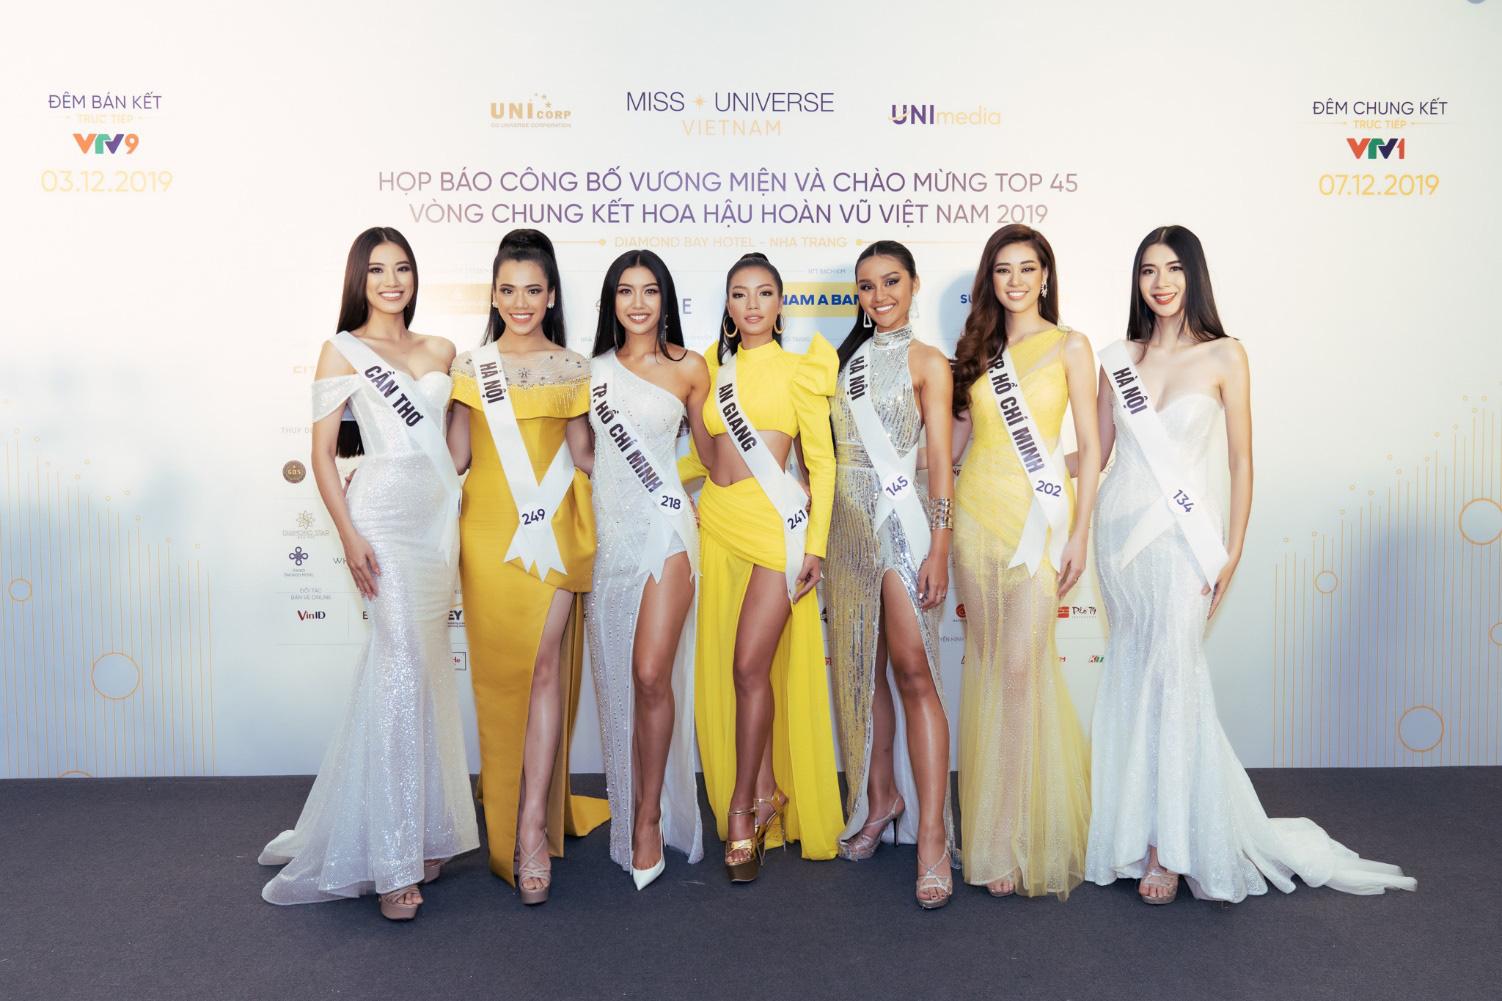 Vương miện vô giá Brave Heart Hoa Hậu Hoàn Vũ Việt Nam 2019 được thực hiện trong 06 tháng - Ảnh 1.